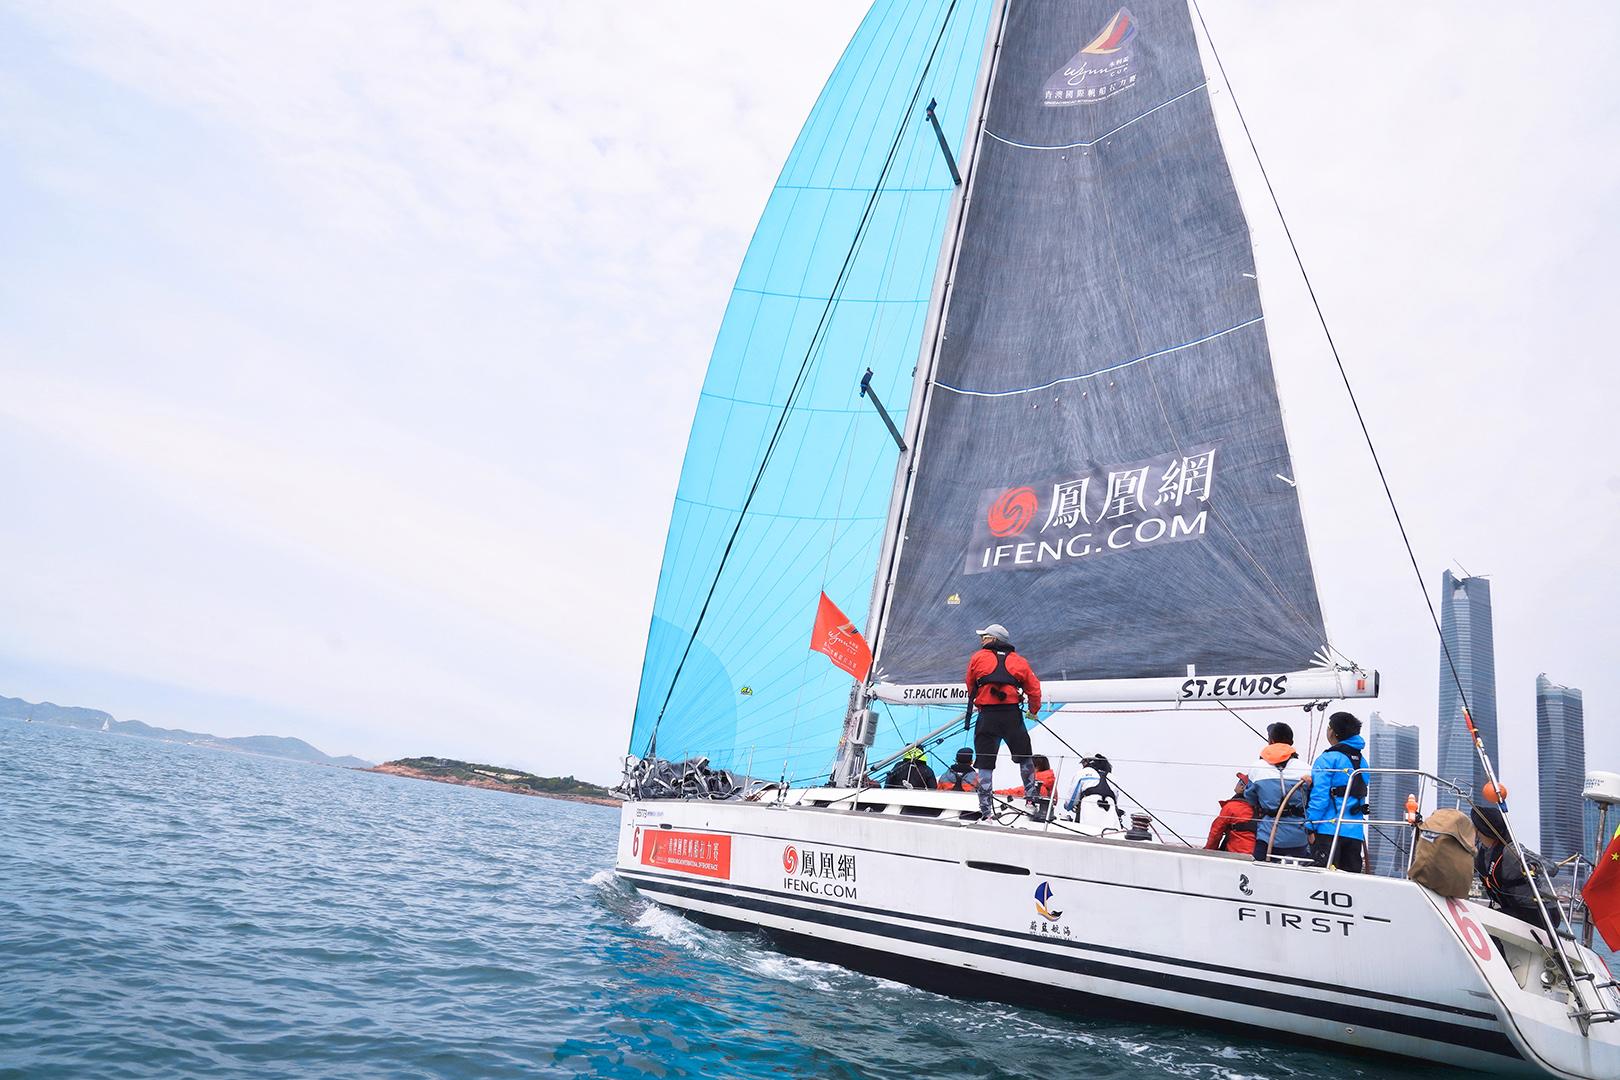 """""""凤凰网号""""体验海上速度与激情!挑战中国最长离岸帆船拉力赛"""